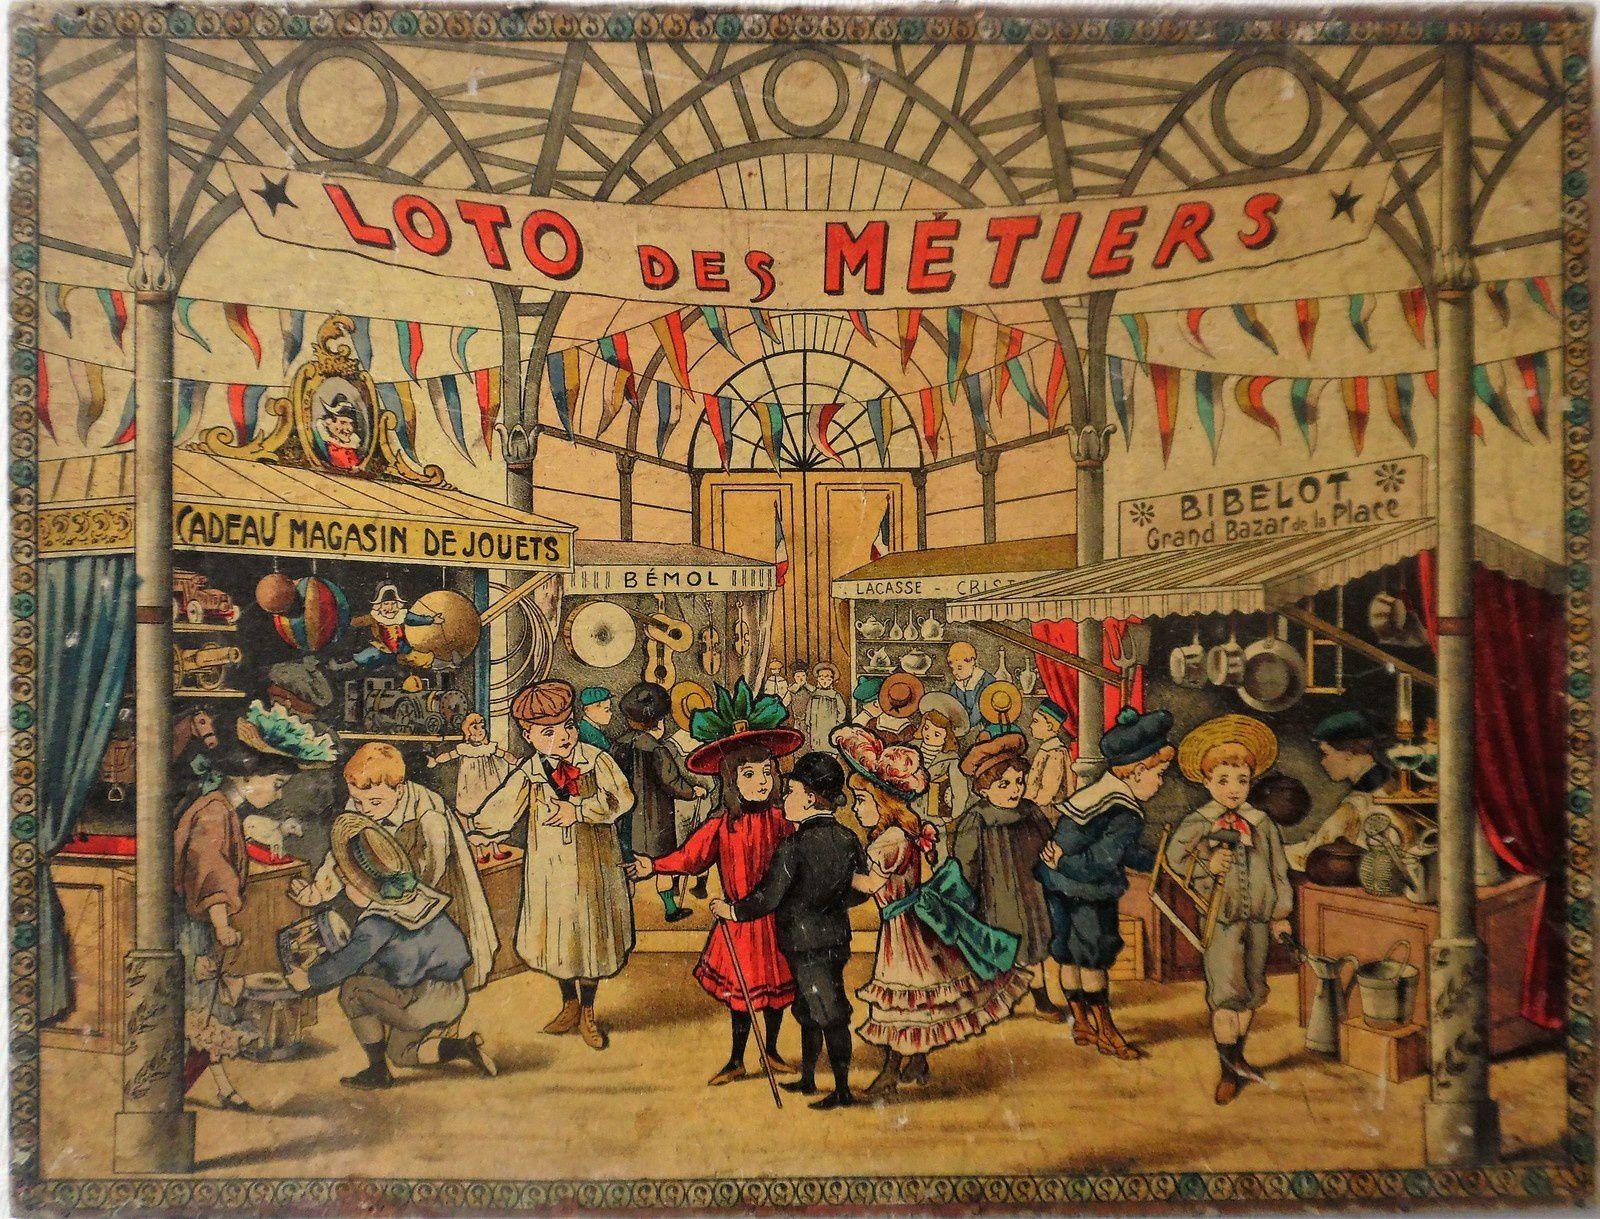 En France des jeux tout finit par des Saussine...